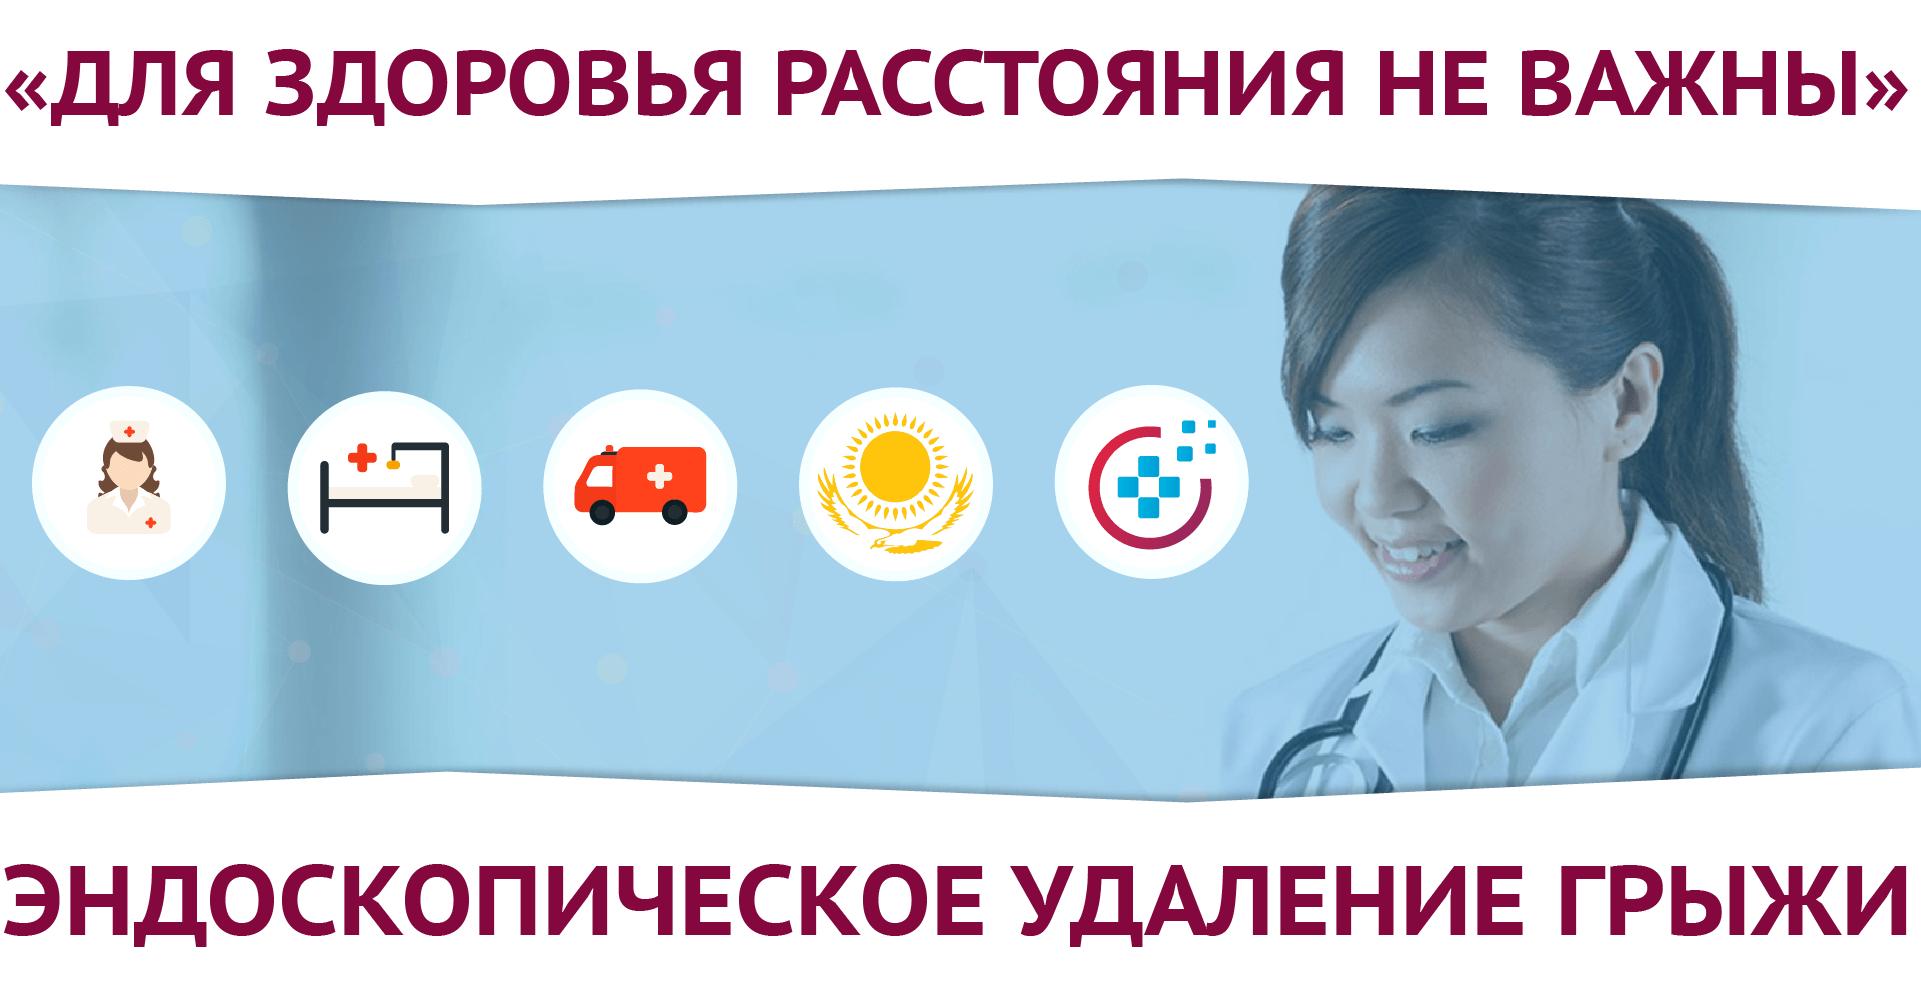 udalenie-gryzhi-kazahstan